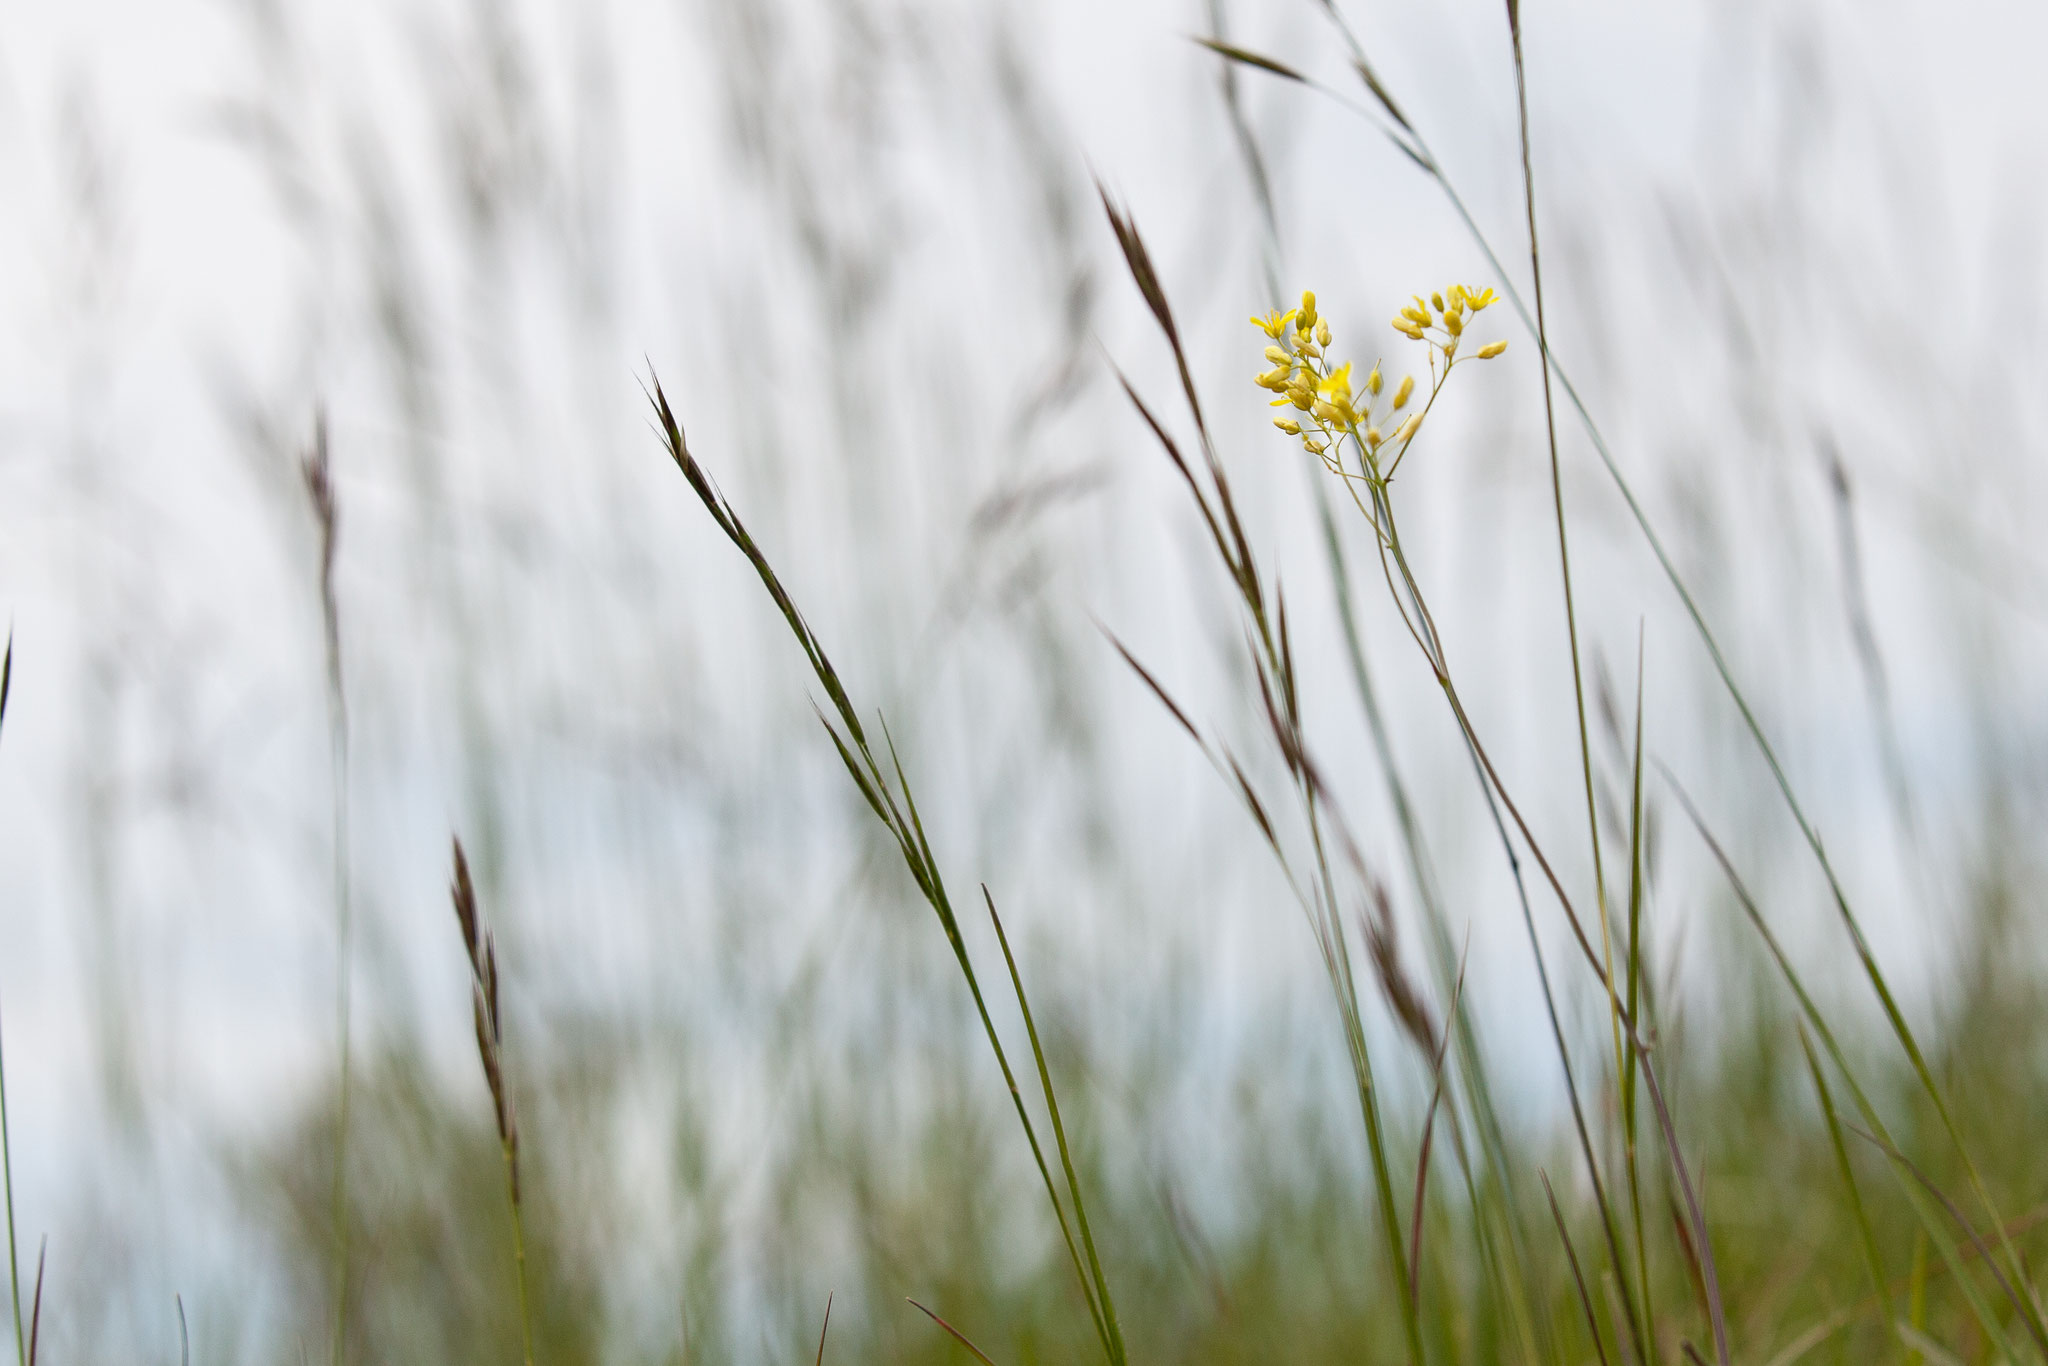 Biscutella guillonii